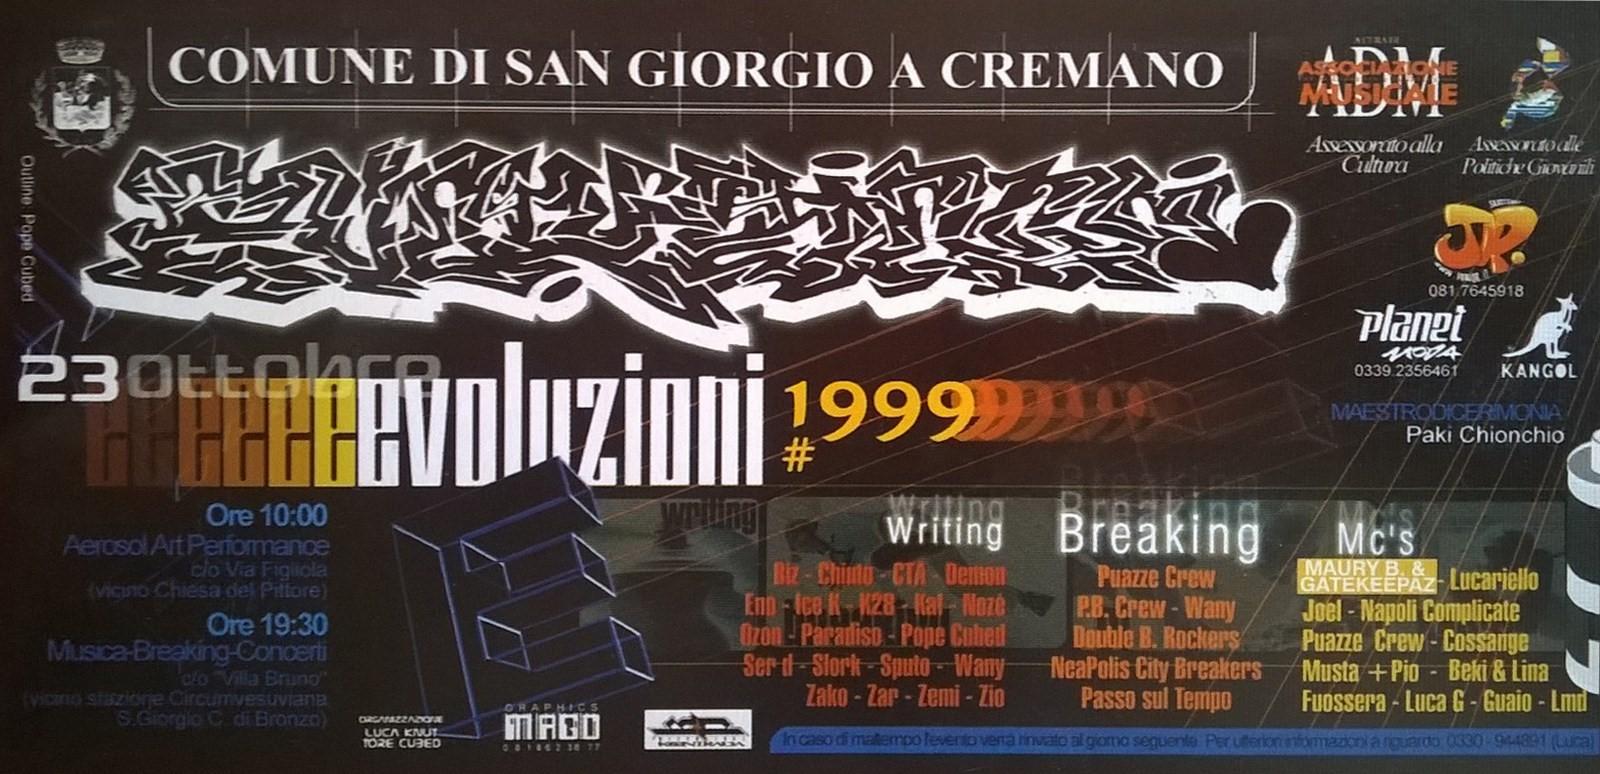 Evoluzioni 1999, seconda convention per la promozione della cultura del writing